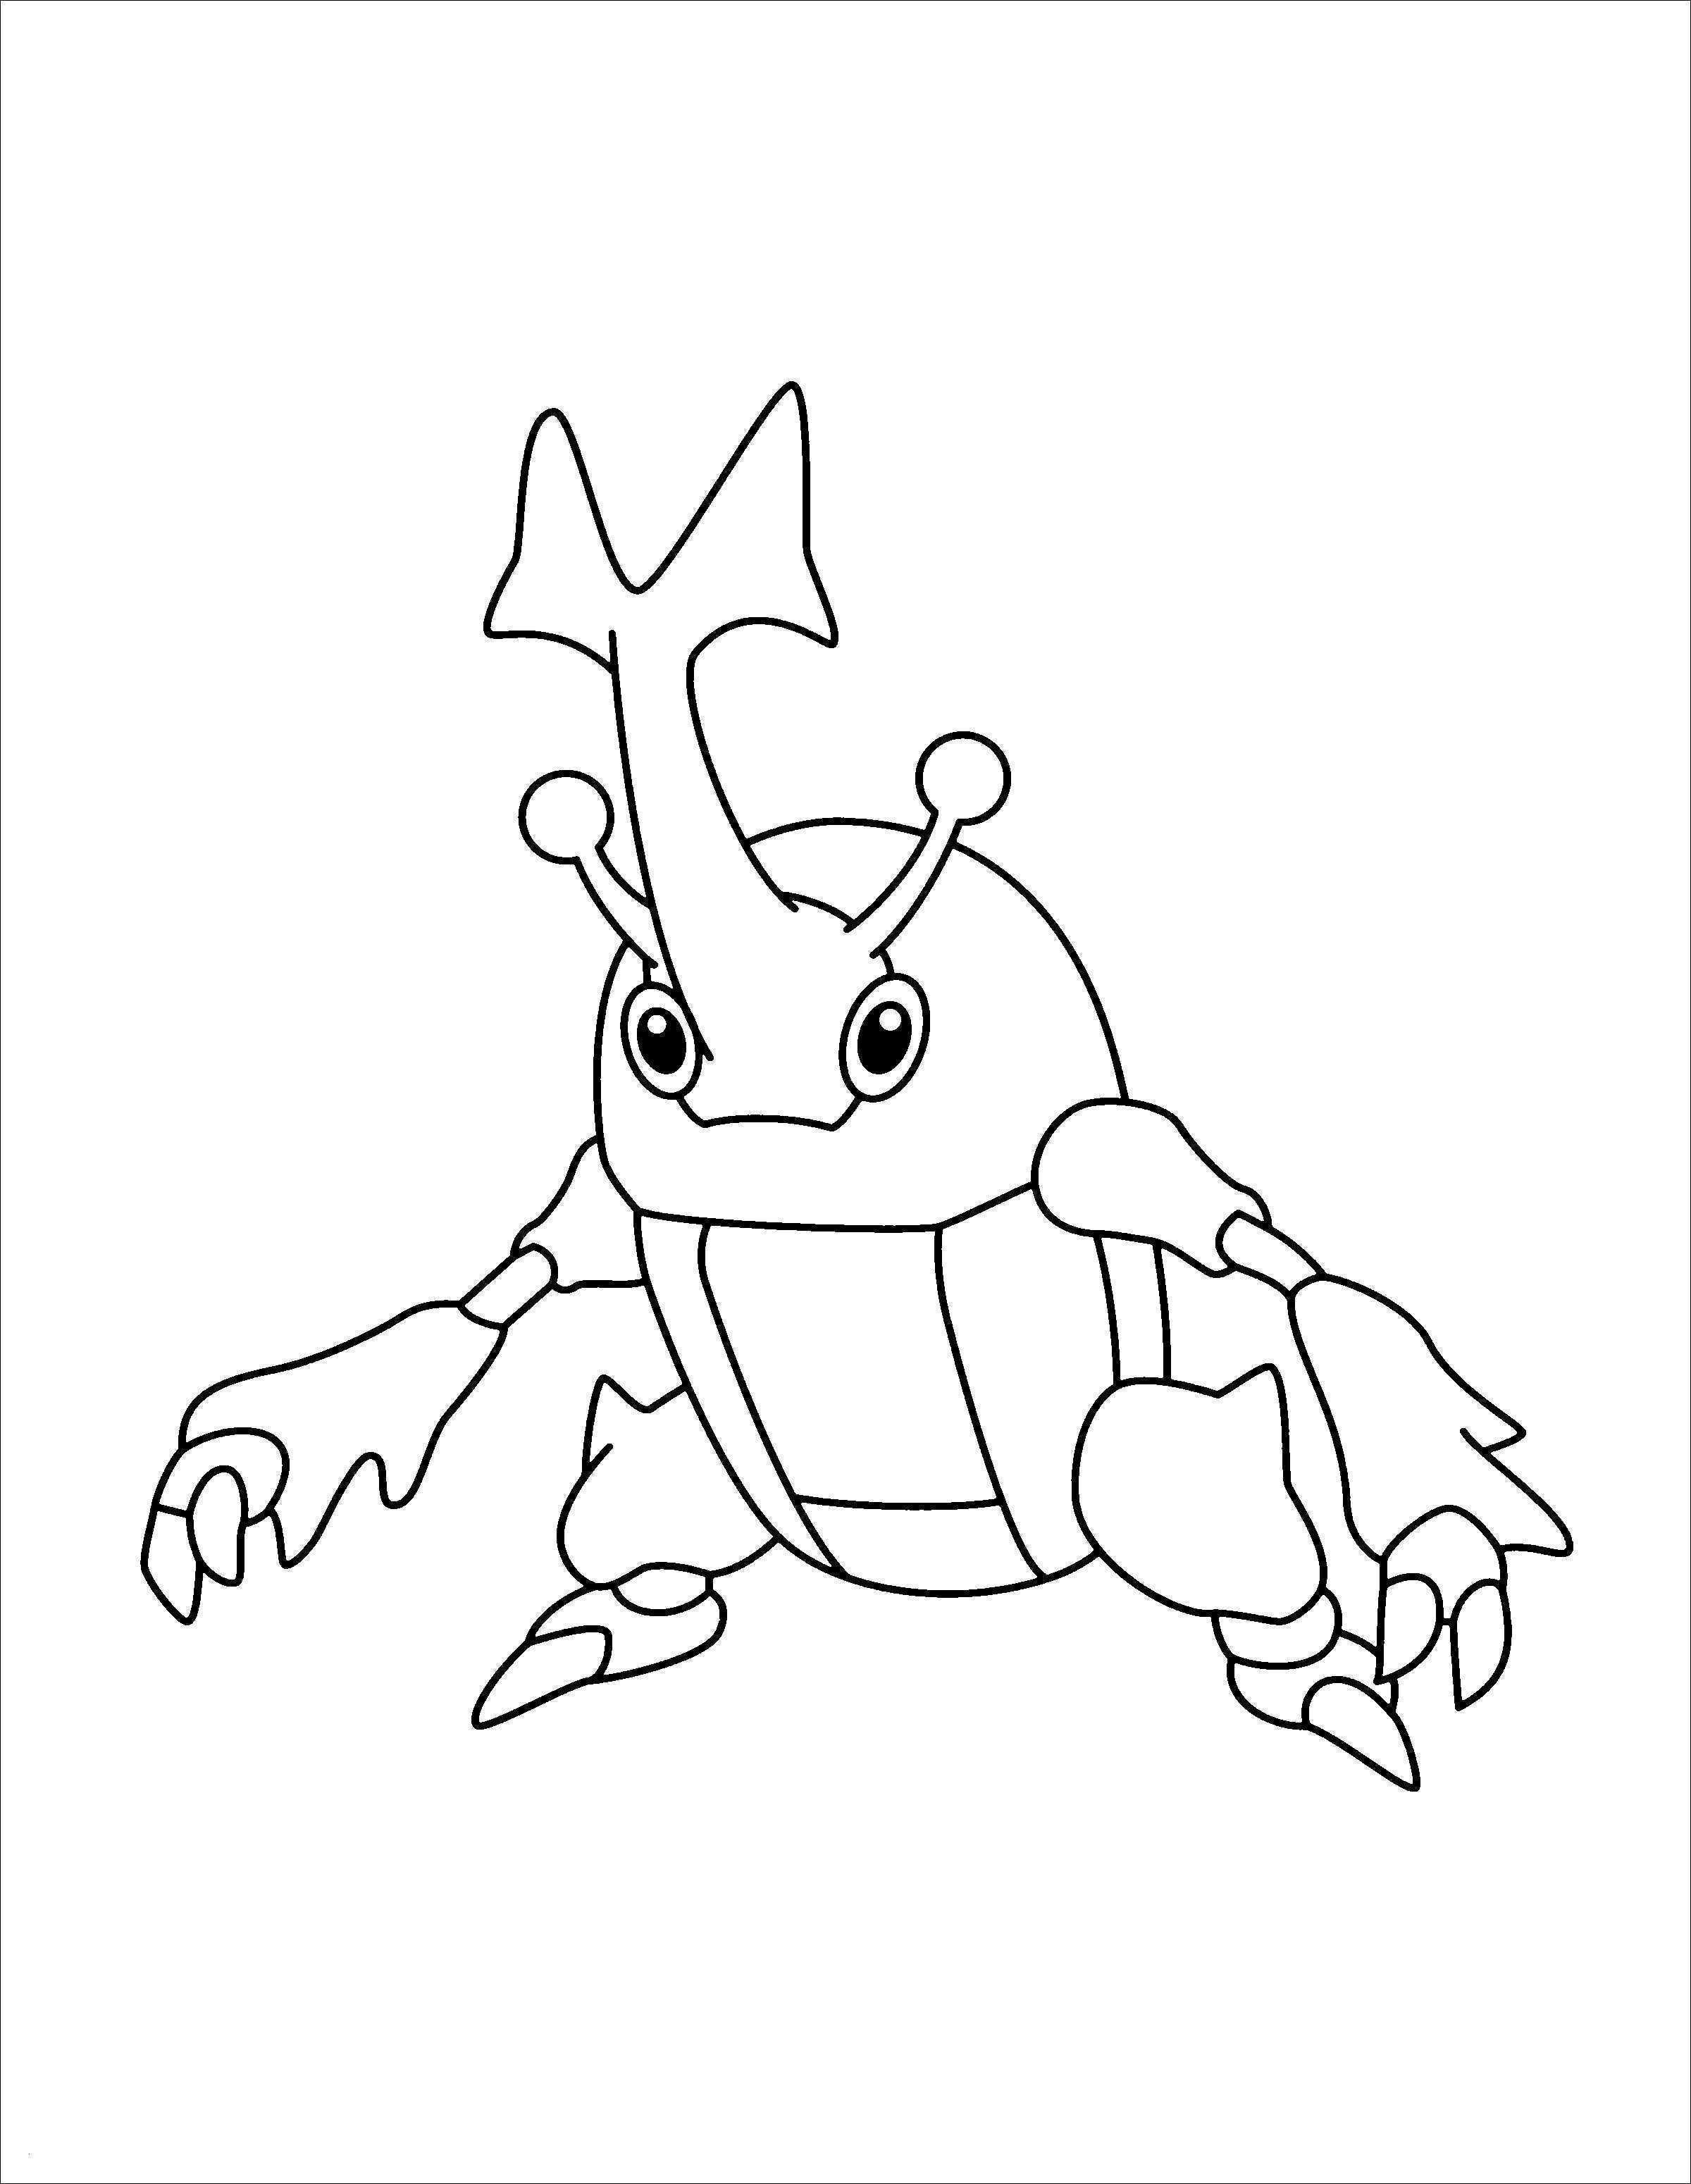 Pokemon Bilder Zum Ausmalen Inspirierend Pokemon Bilder Ausdrucken Abbild Malvorlagen Igel Einzigartig Igel Galerie